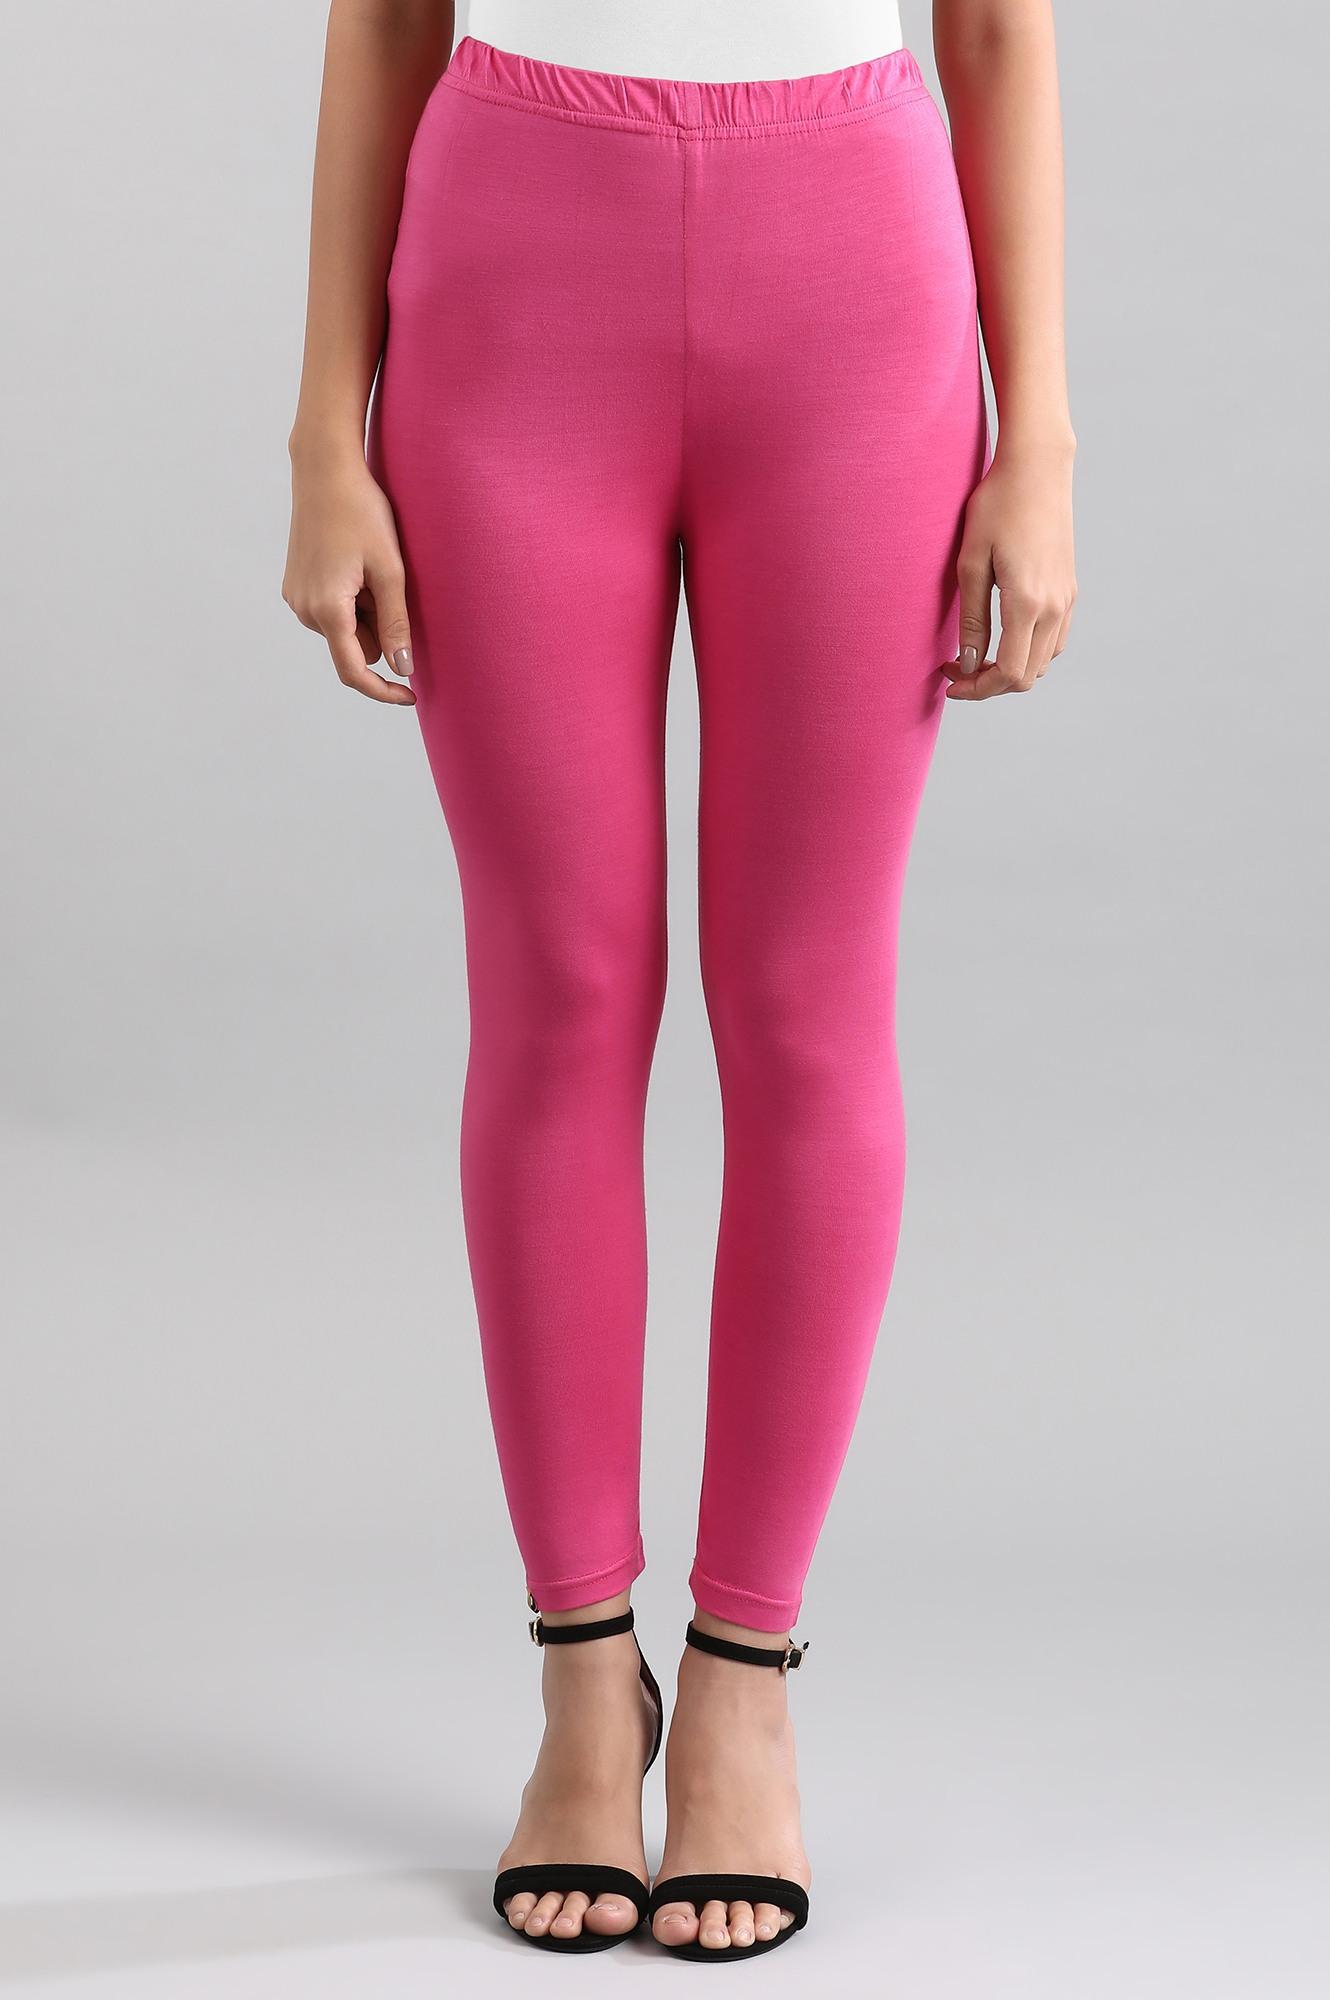 Aurelia | Pink Solid Tights